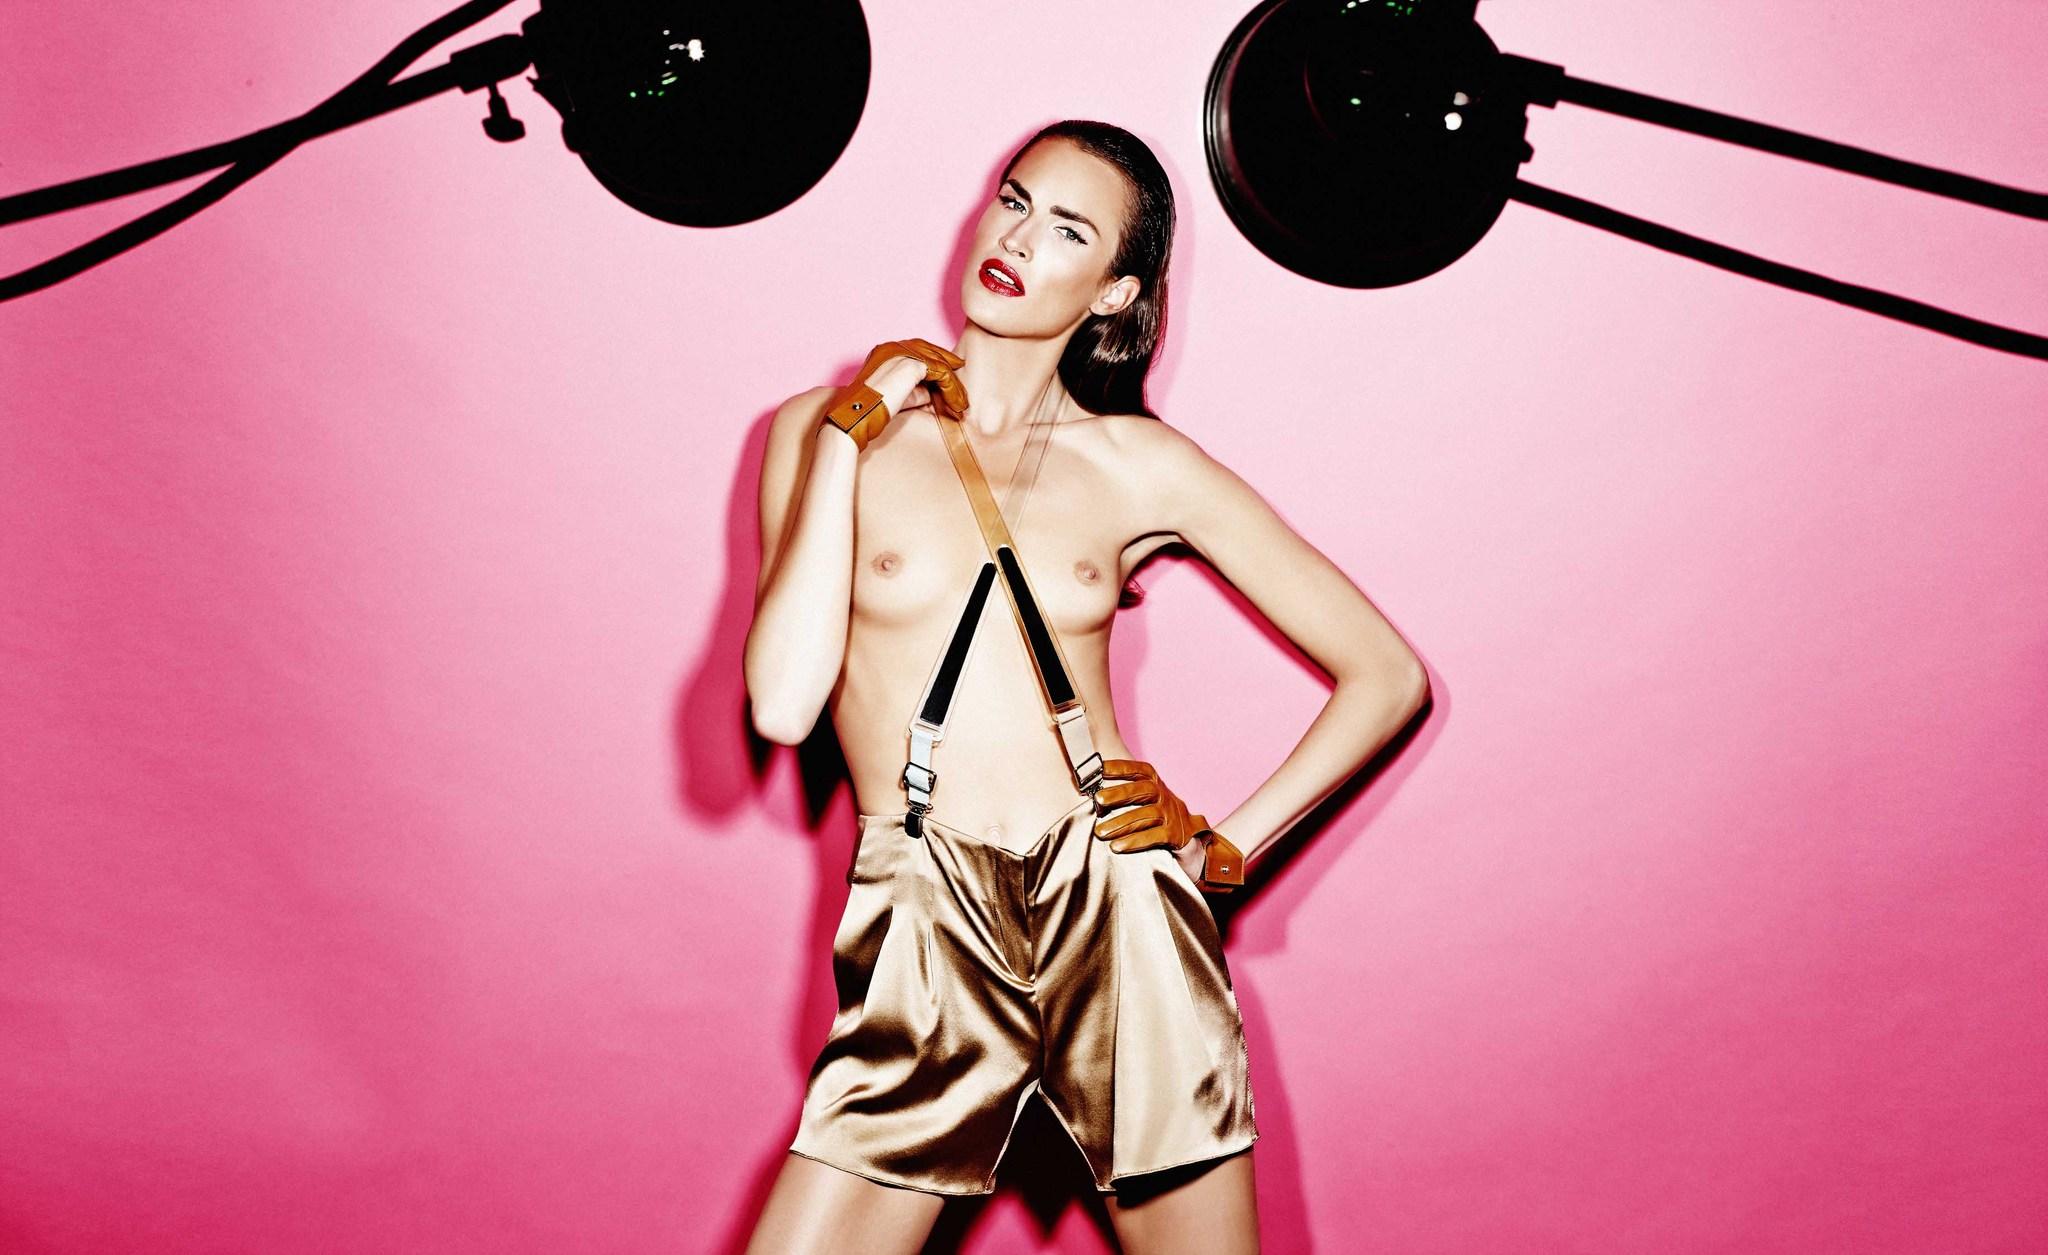 Malena Costa Desnuda Para El Calendario Nude Imágenes Como Las